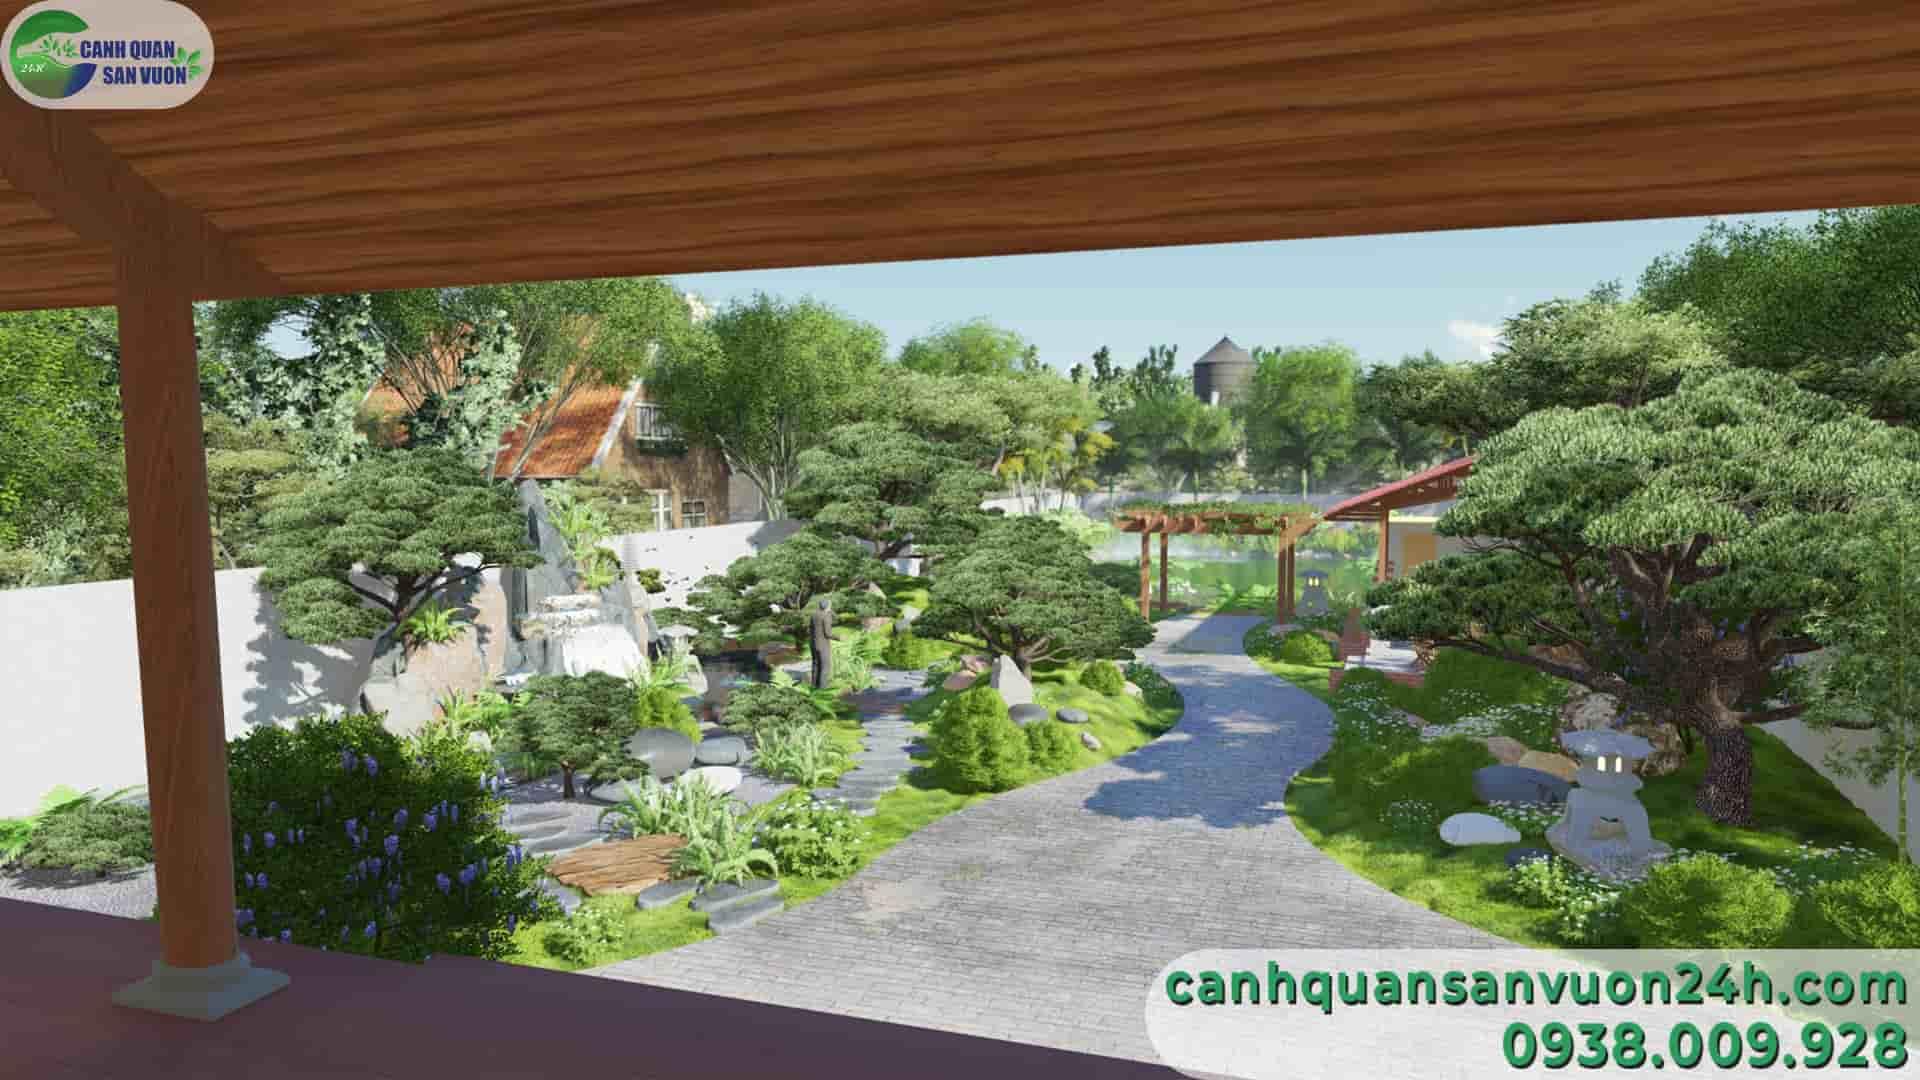 góc nhìn từ trong nhà dự án thiết kế sân vườn